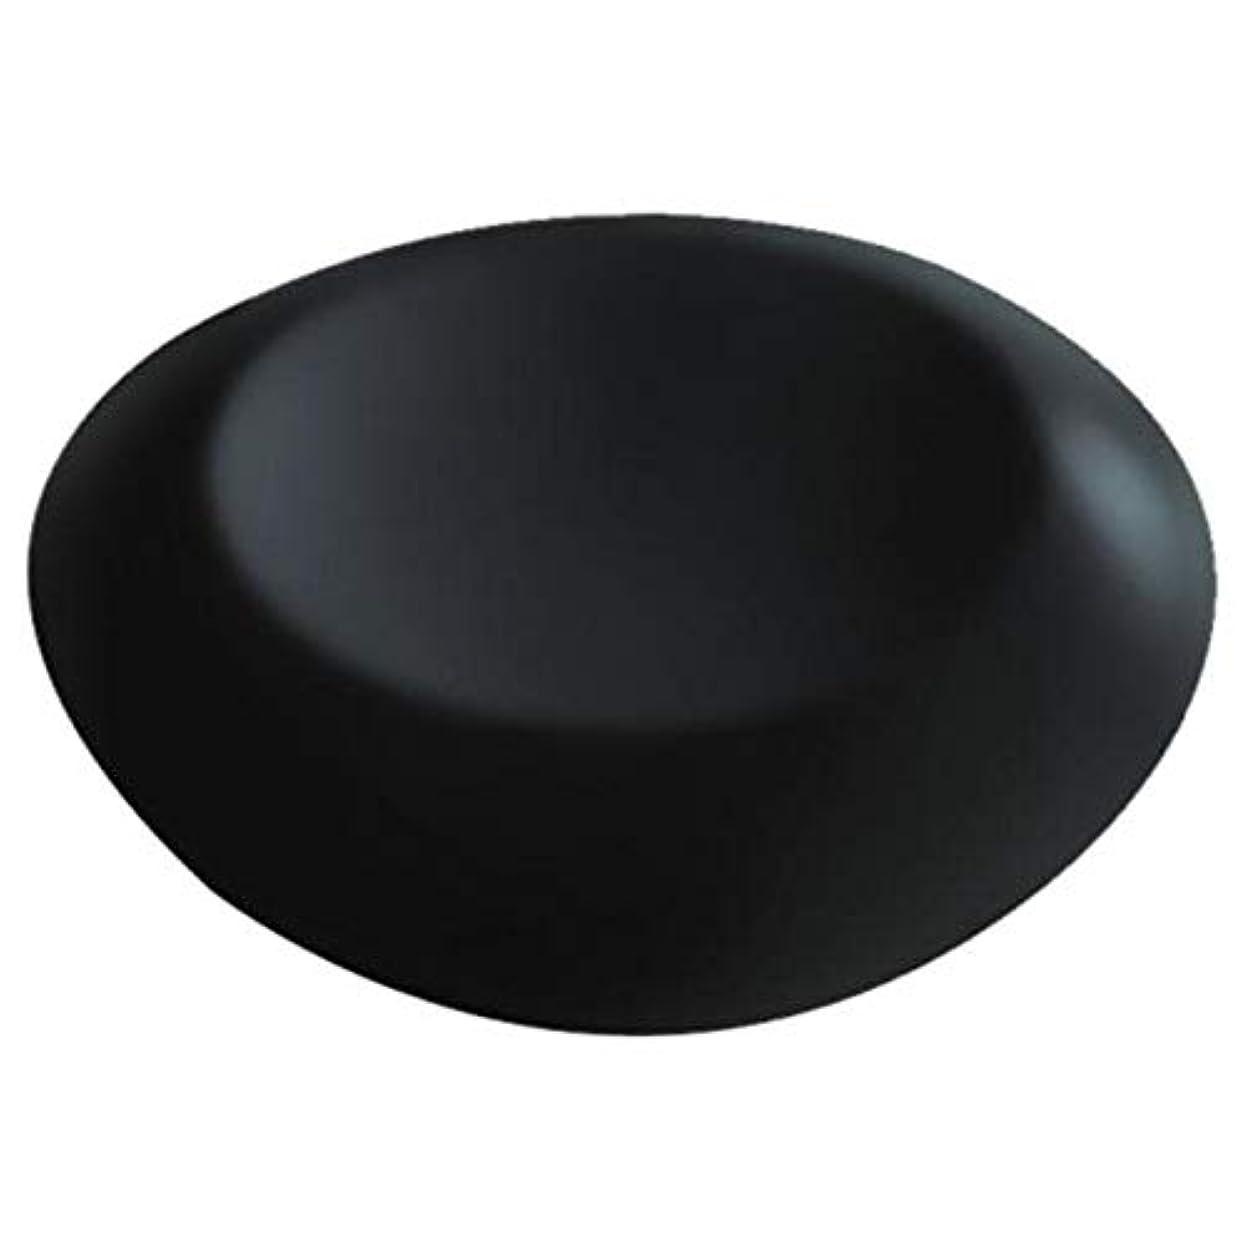 滑り止めサクションカップ付きラウンドバスヘッドレストPUバスクッション人間工学に基づいたホームスパヘッドレスト